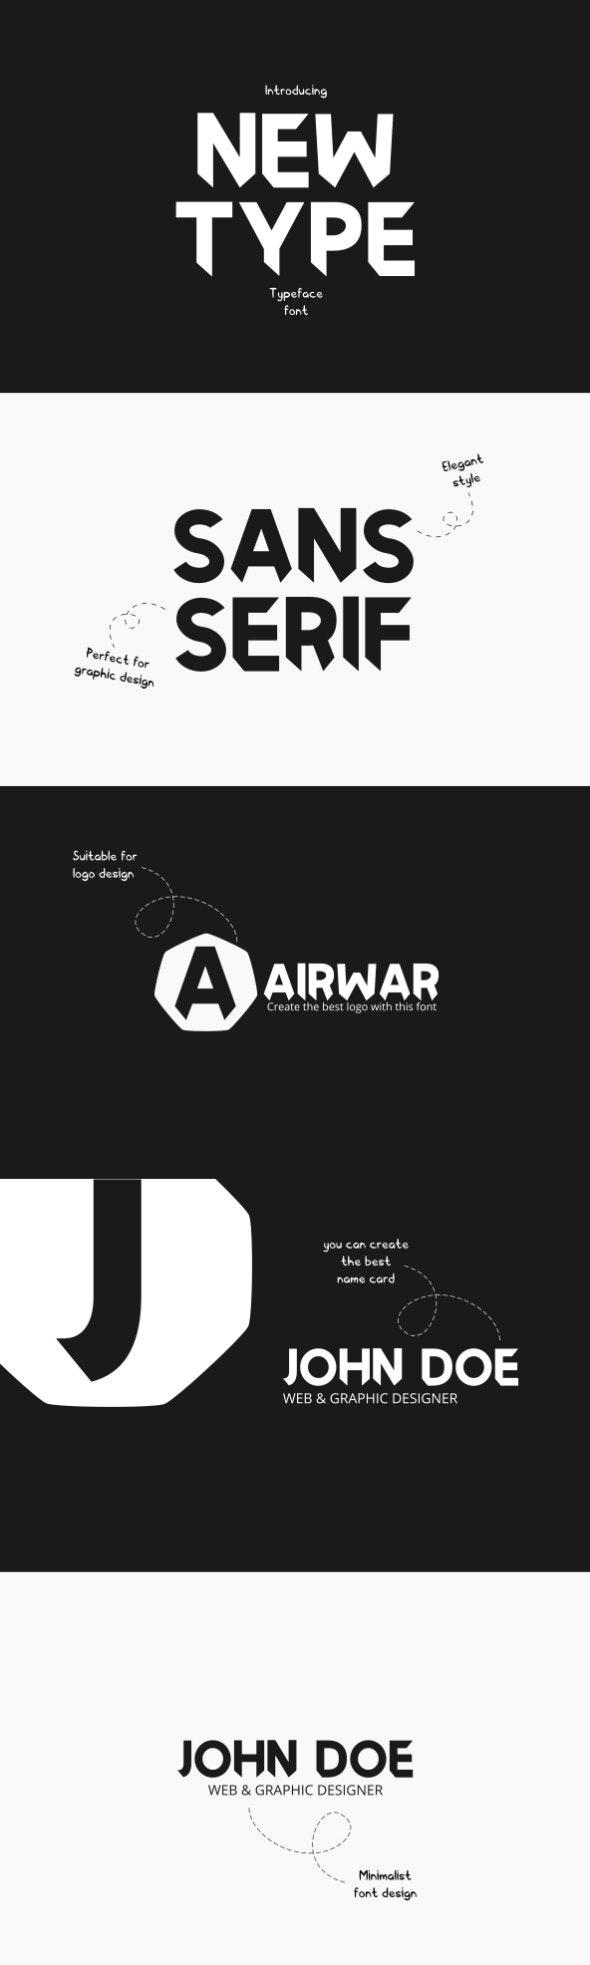 Newtype Typeface Font - Sans-Serif Fonts